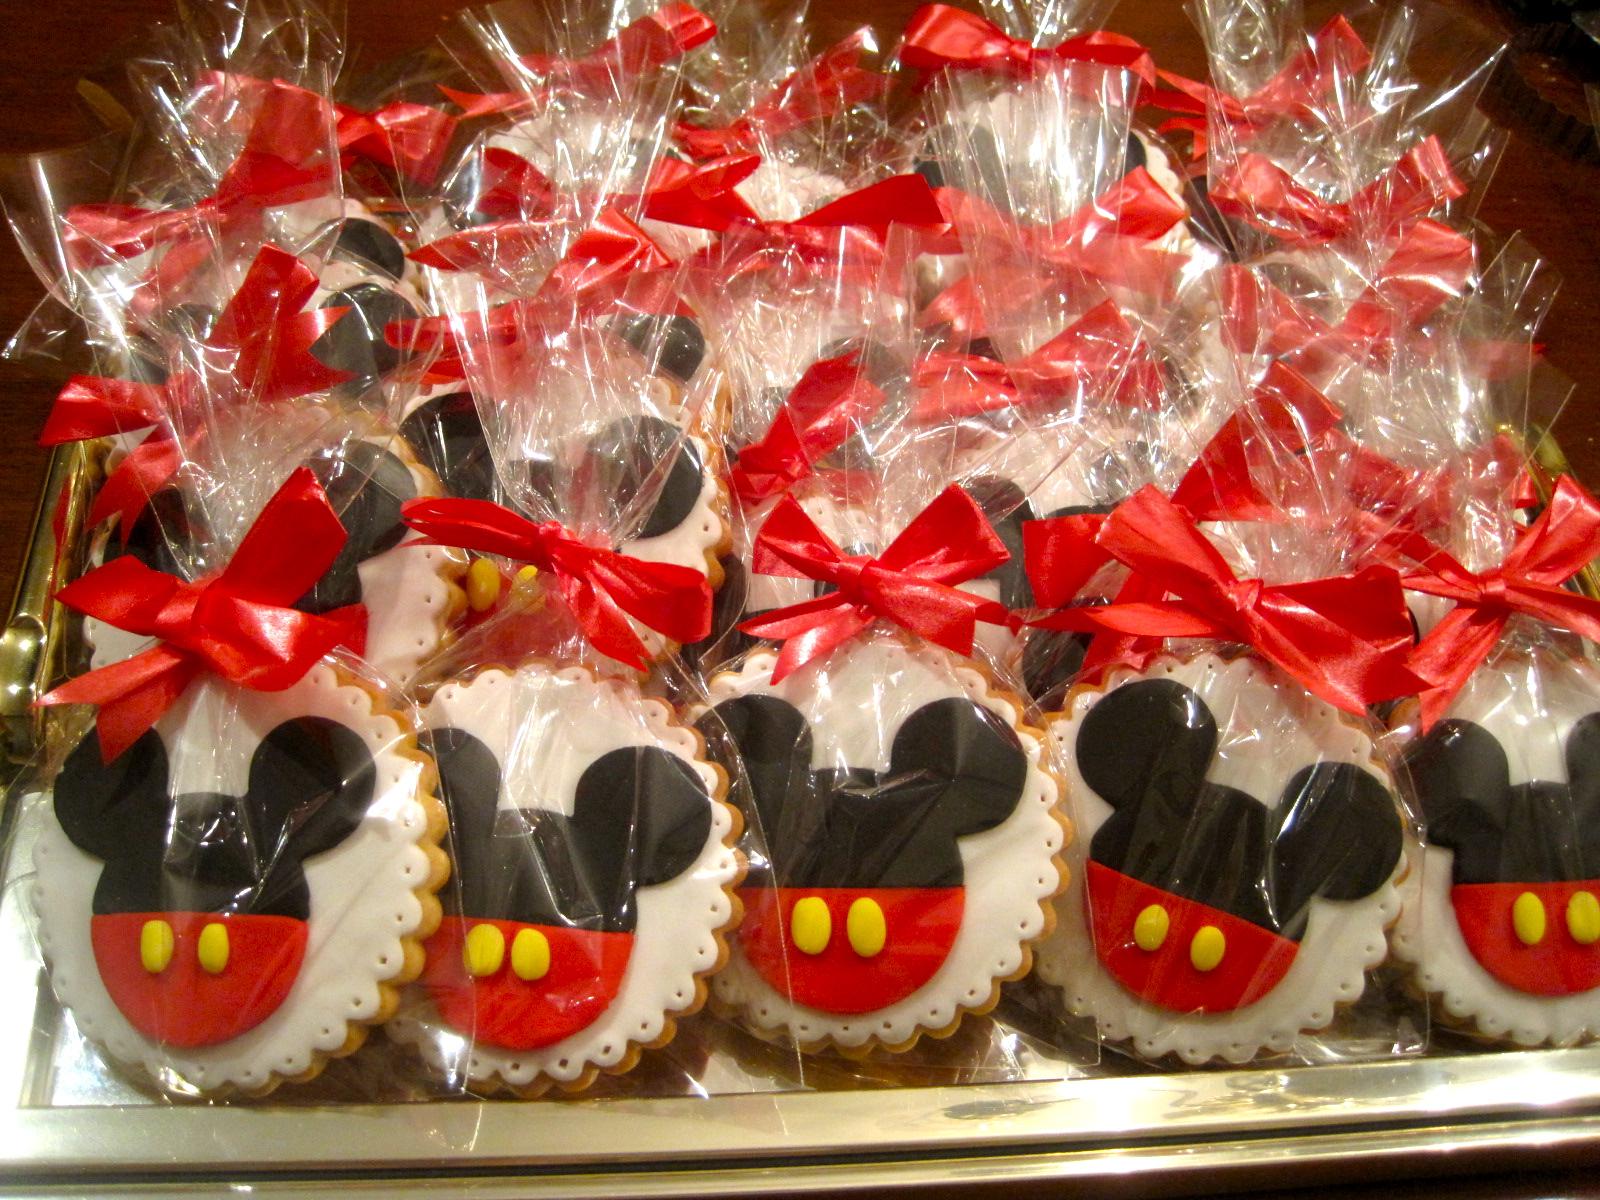 Tartas Sweet Juicy Super Cumplea os y galletas decoradas de